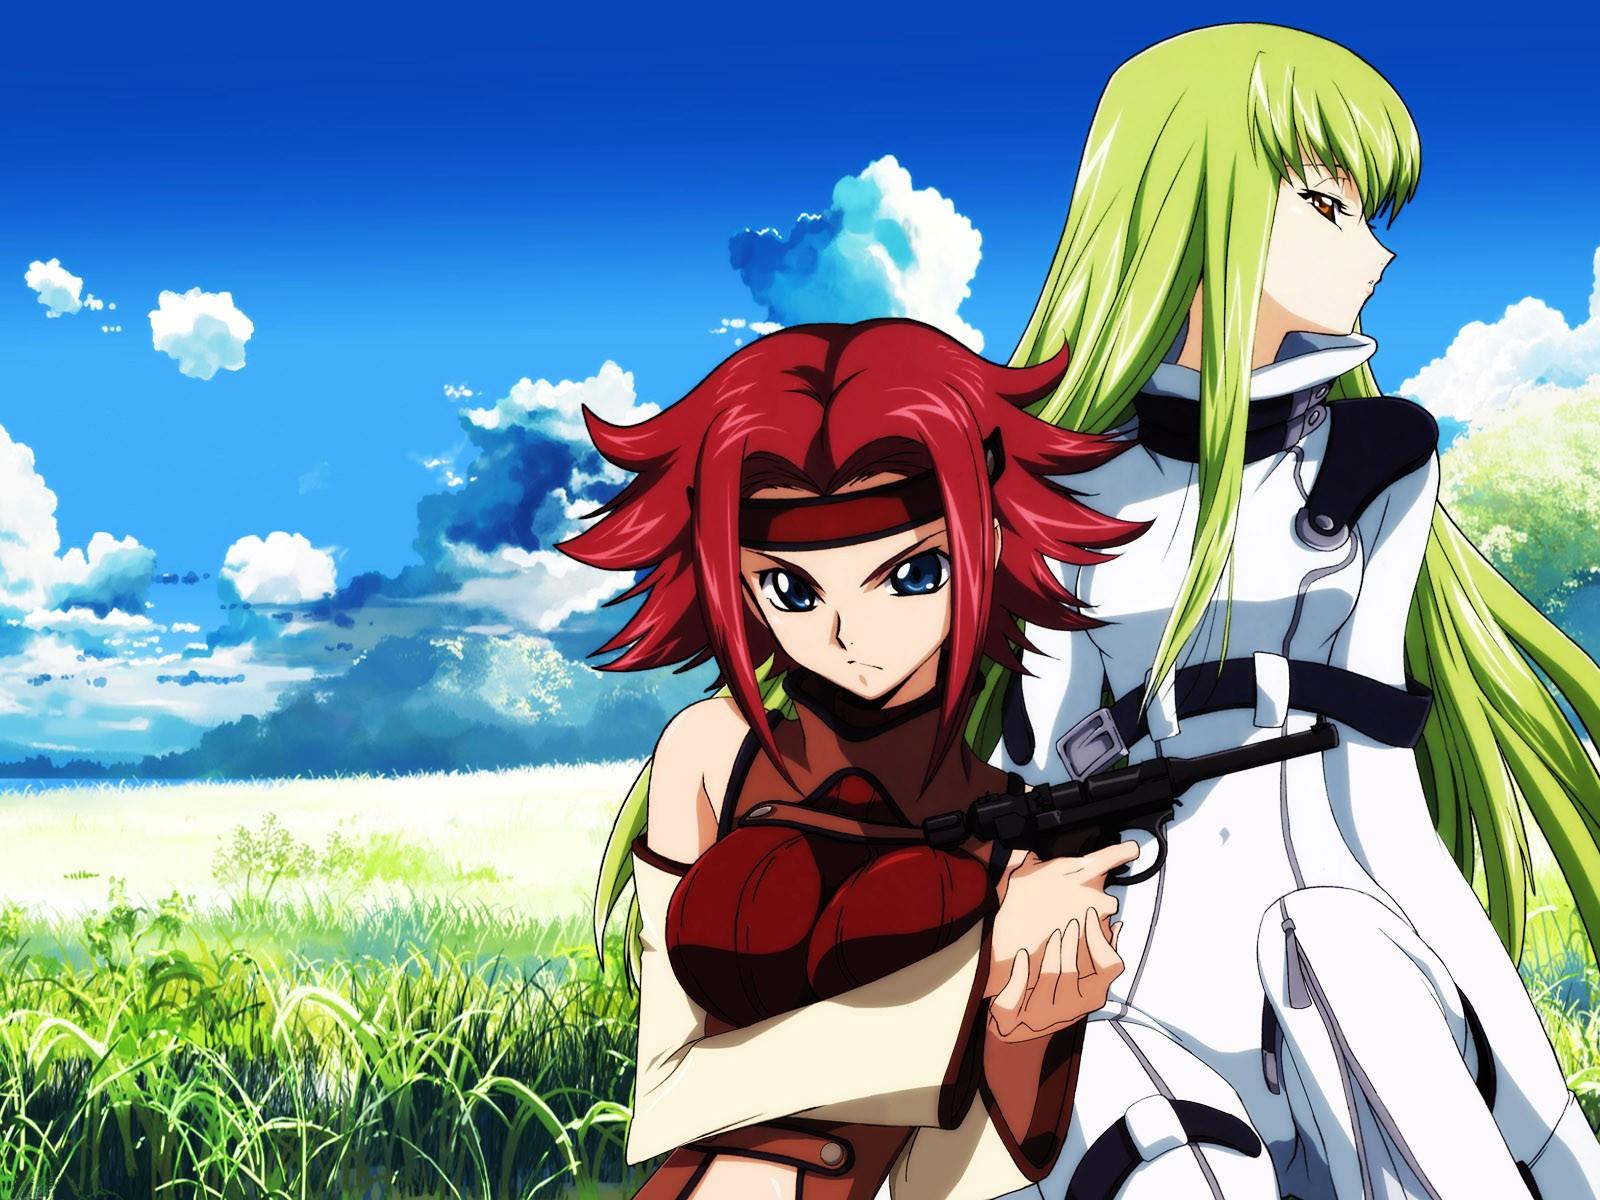 Fond D Ecran Illustration Anime Code Geass C C Kallen